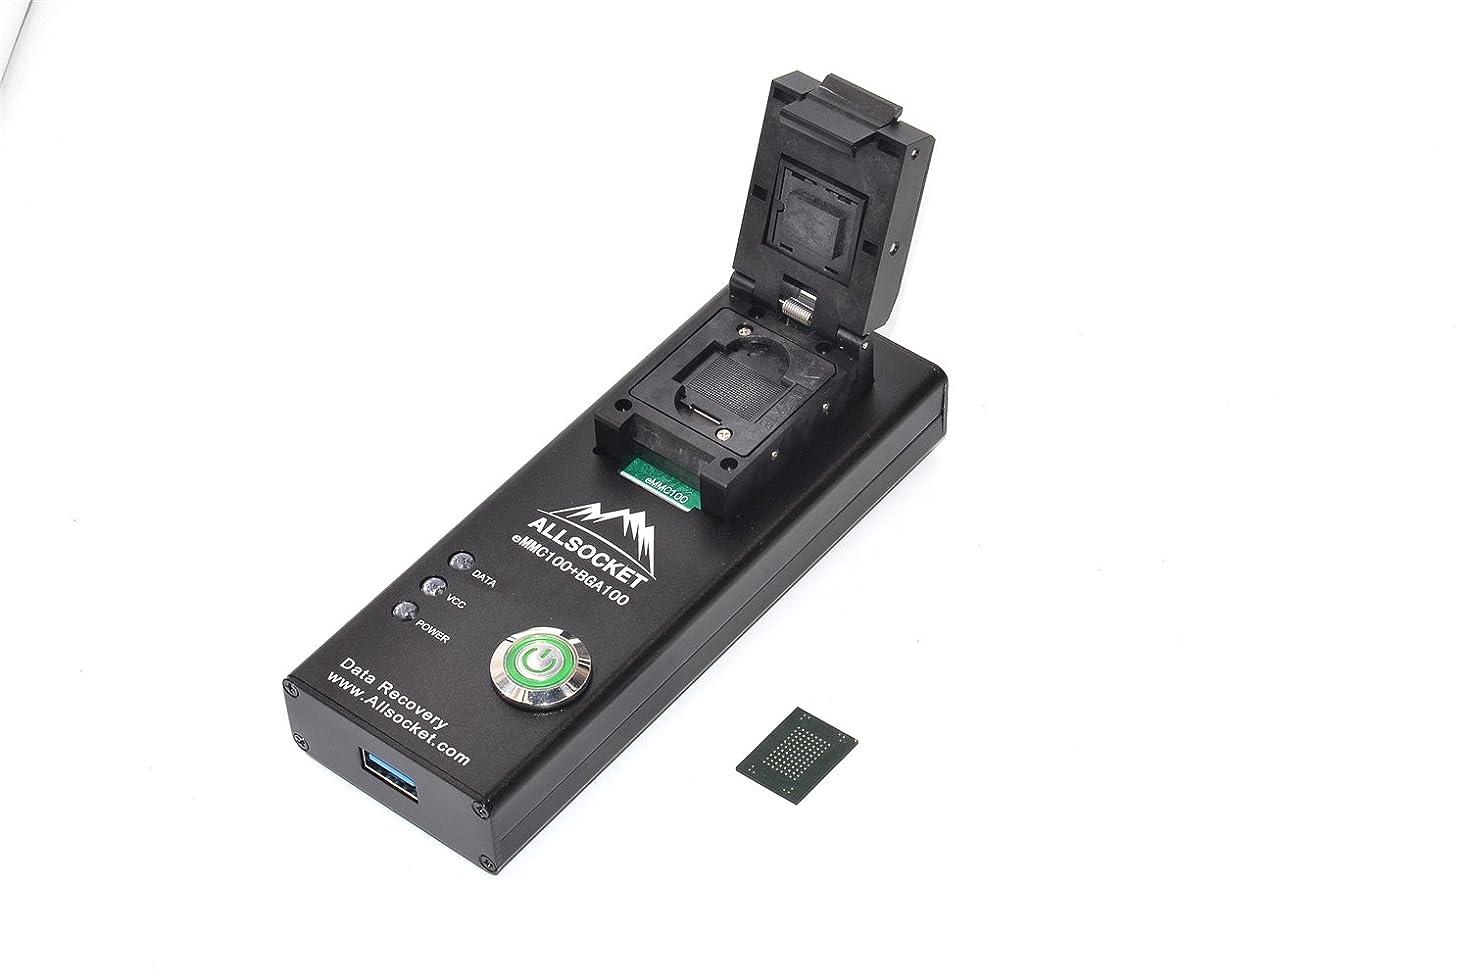 eMMC100 Adapter USB Reader, ALLSOCKET eMMC100-USB3.0 Reader Memory Nand Flash Adapter BGA100 Programmer Tester [12x18mm, 14x18mm IC]-(BGA100-USB3.0 Reader)